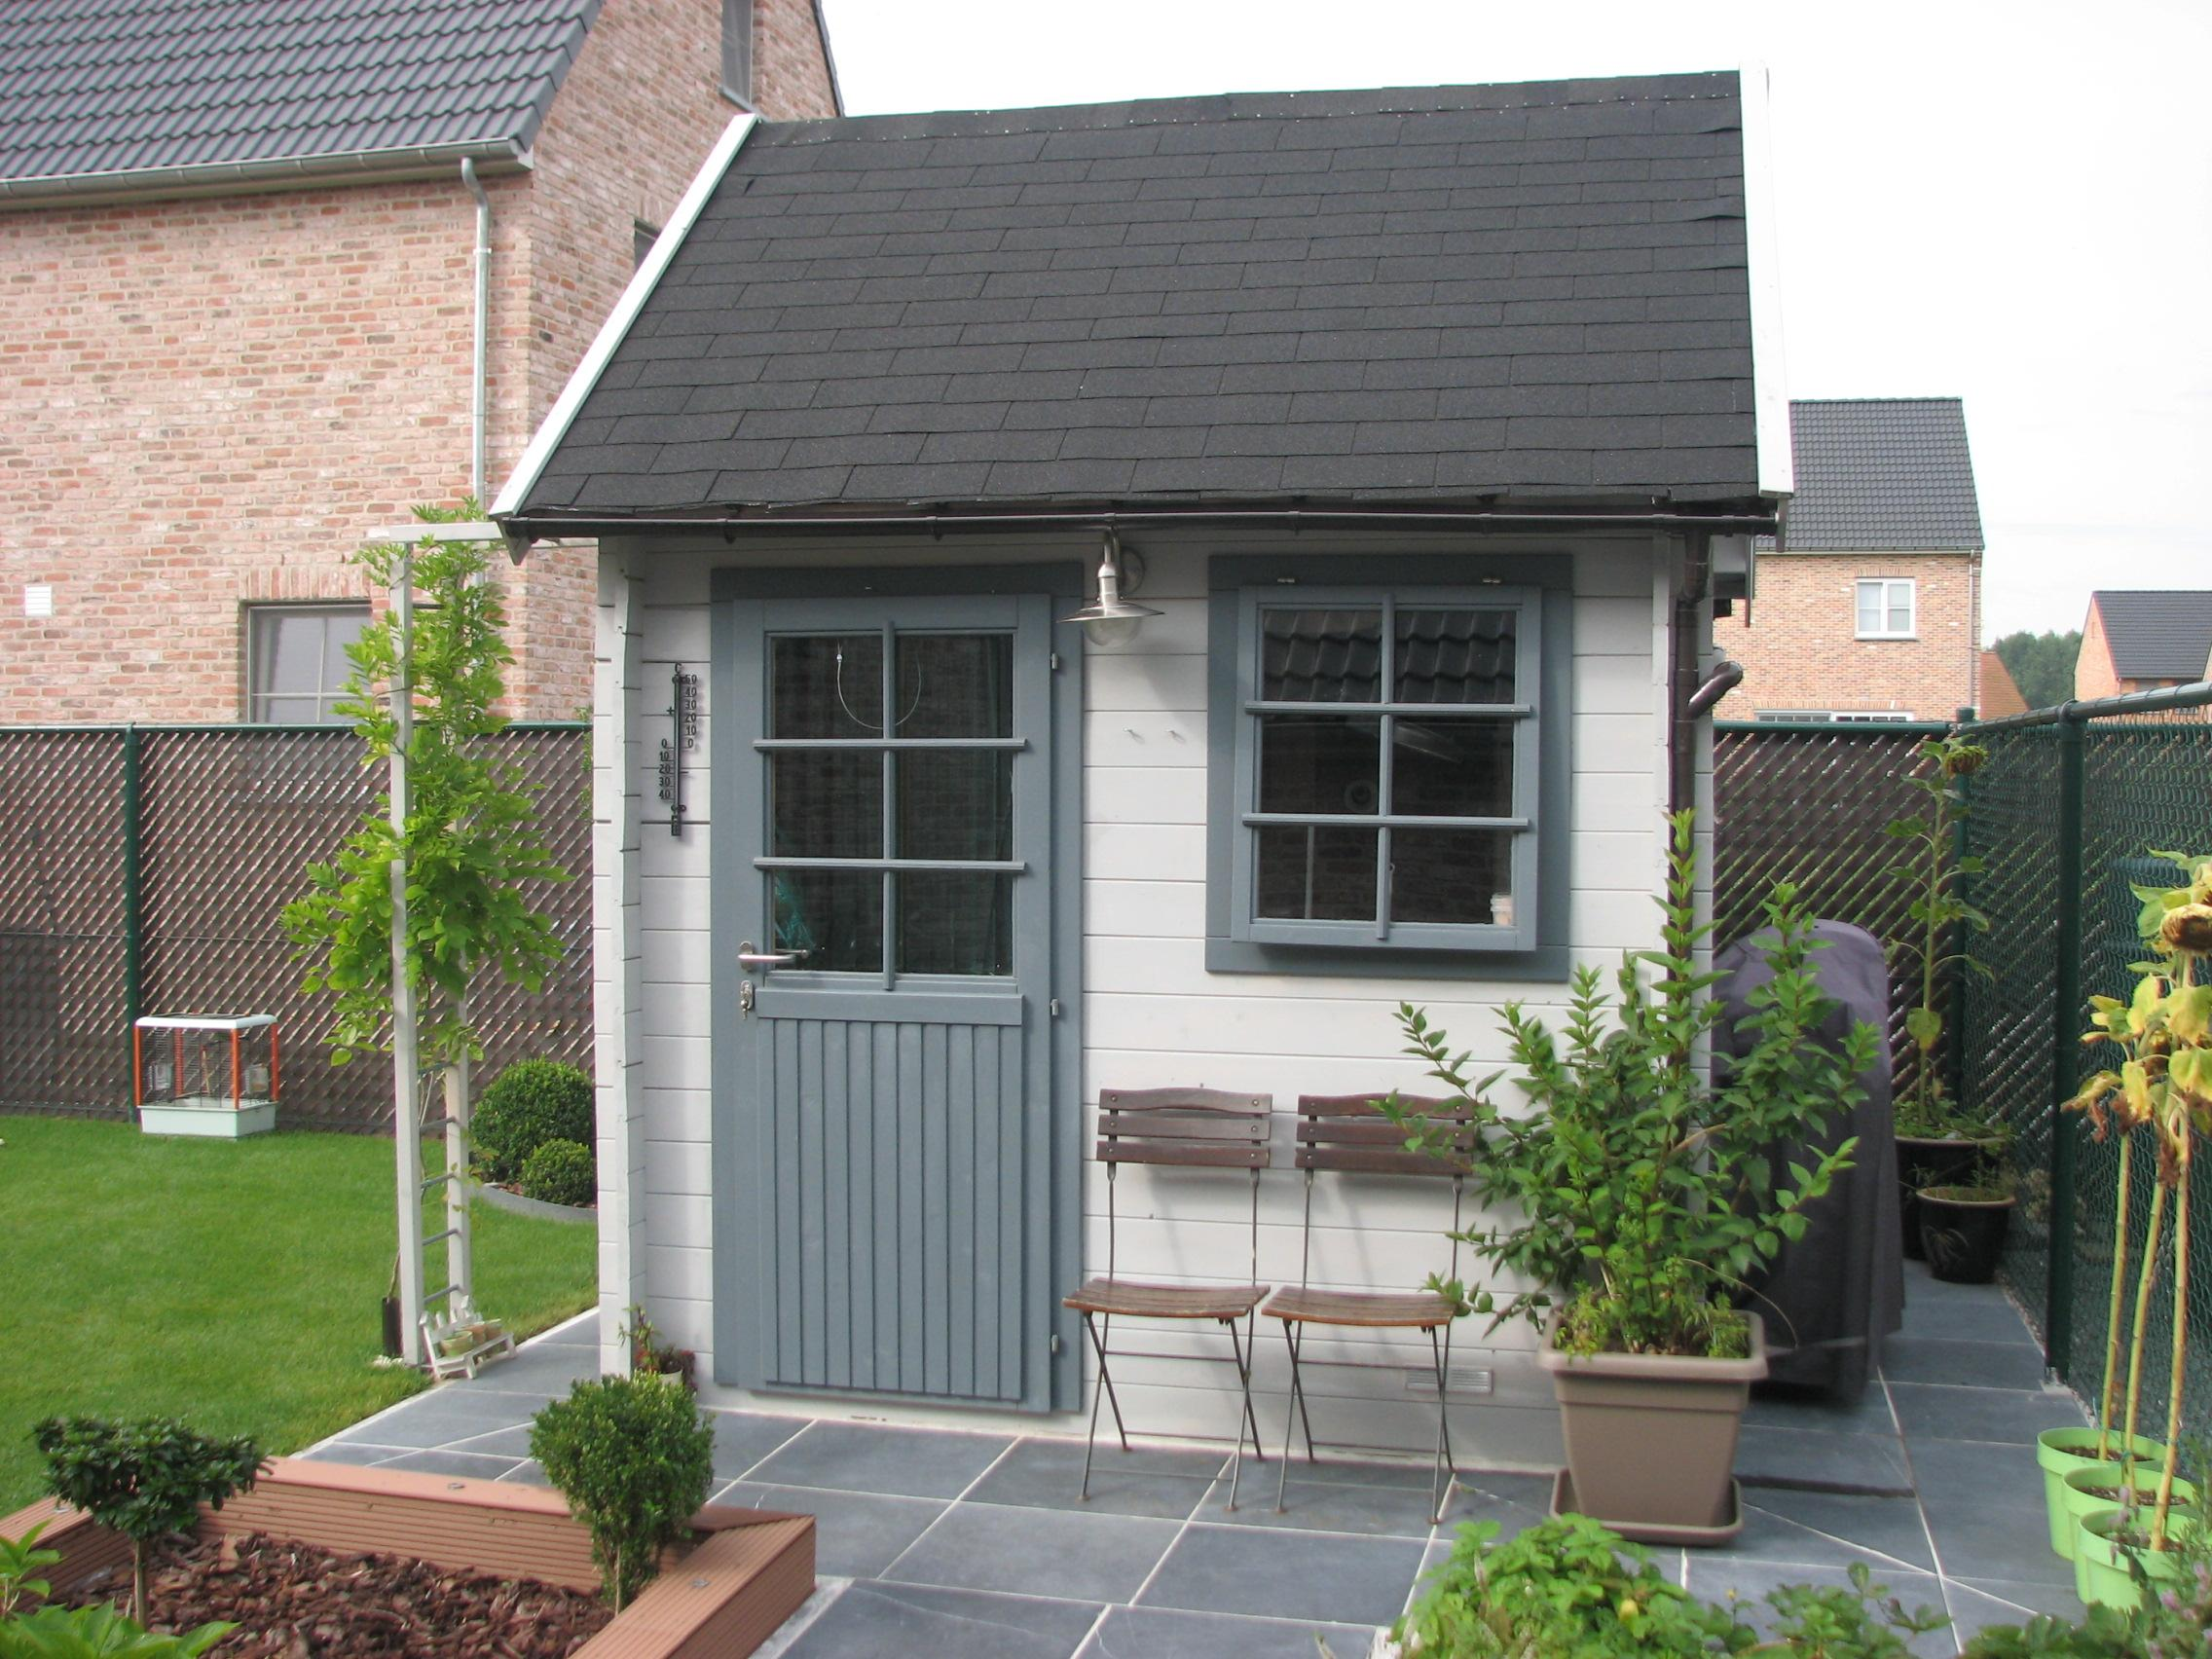 Waarop moet ik letten bij de aankoop van een tuinhuis?